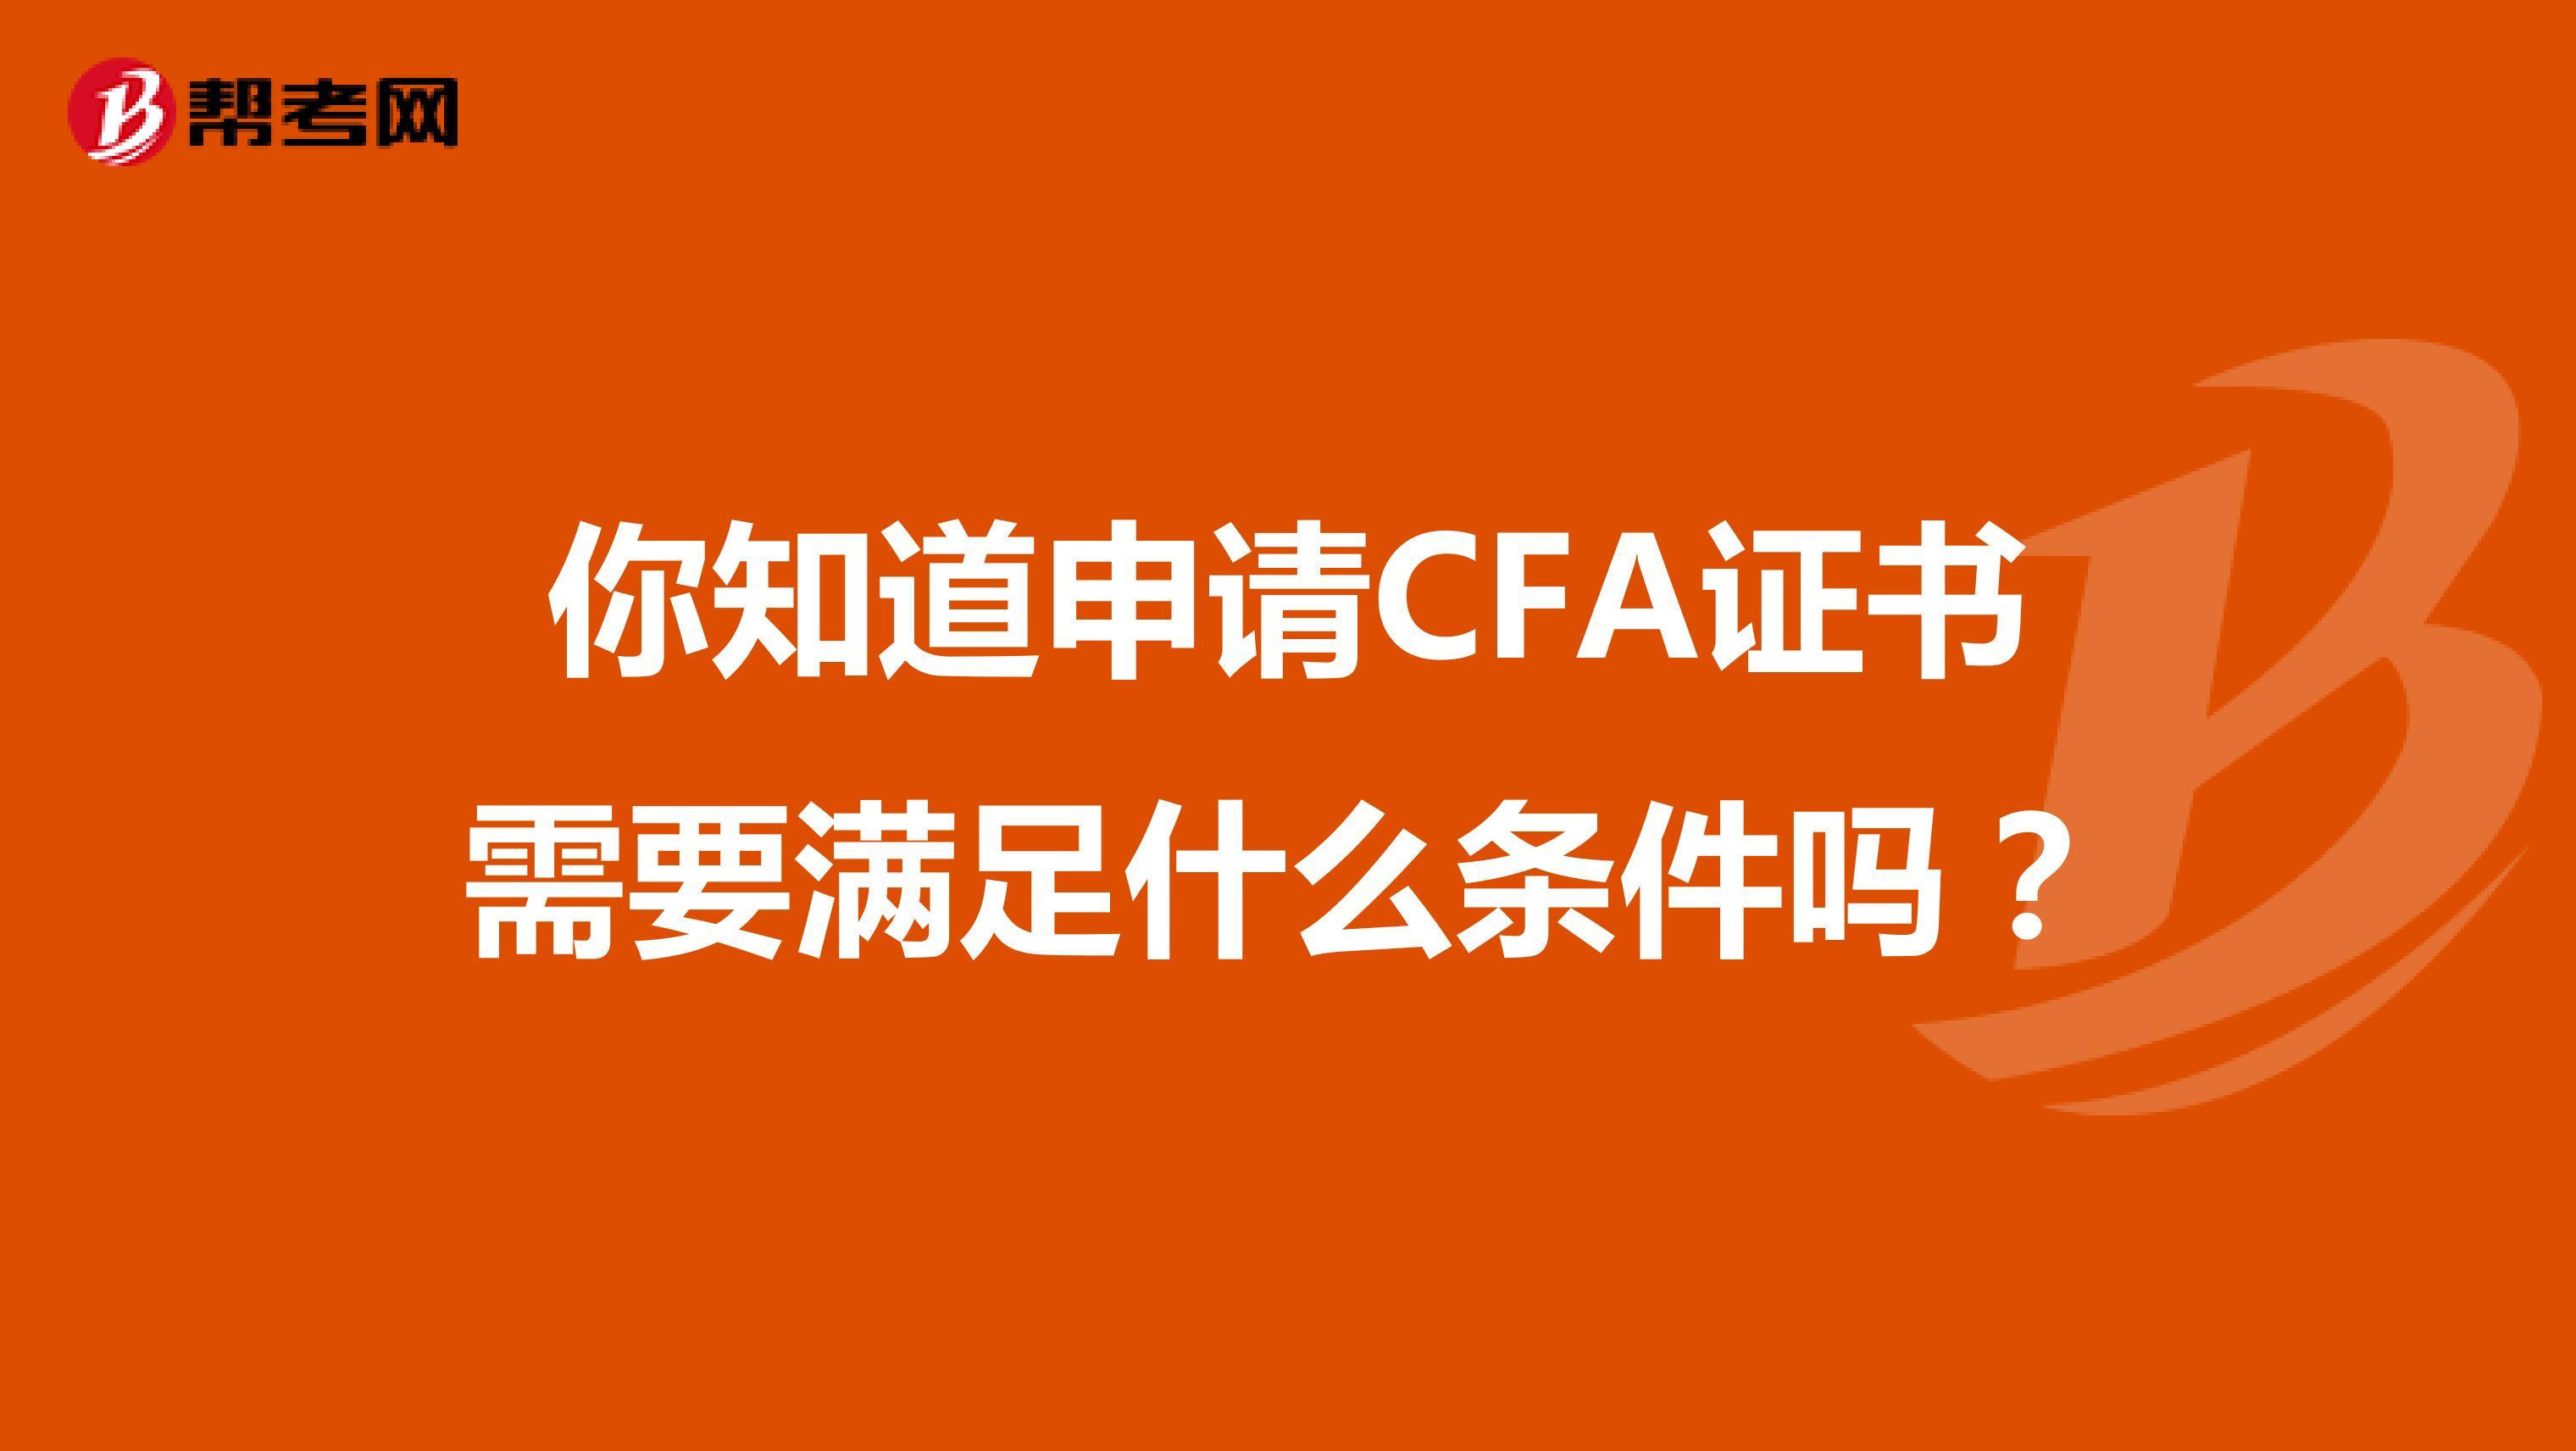 你知道申请CFA证书需要满足什么条件吗?